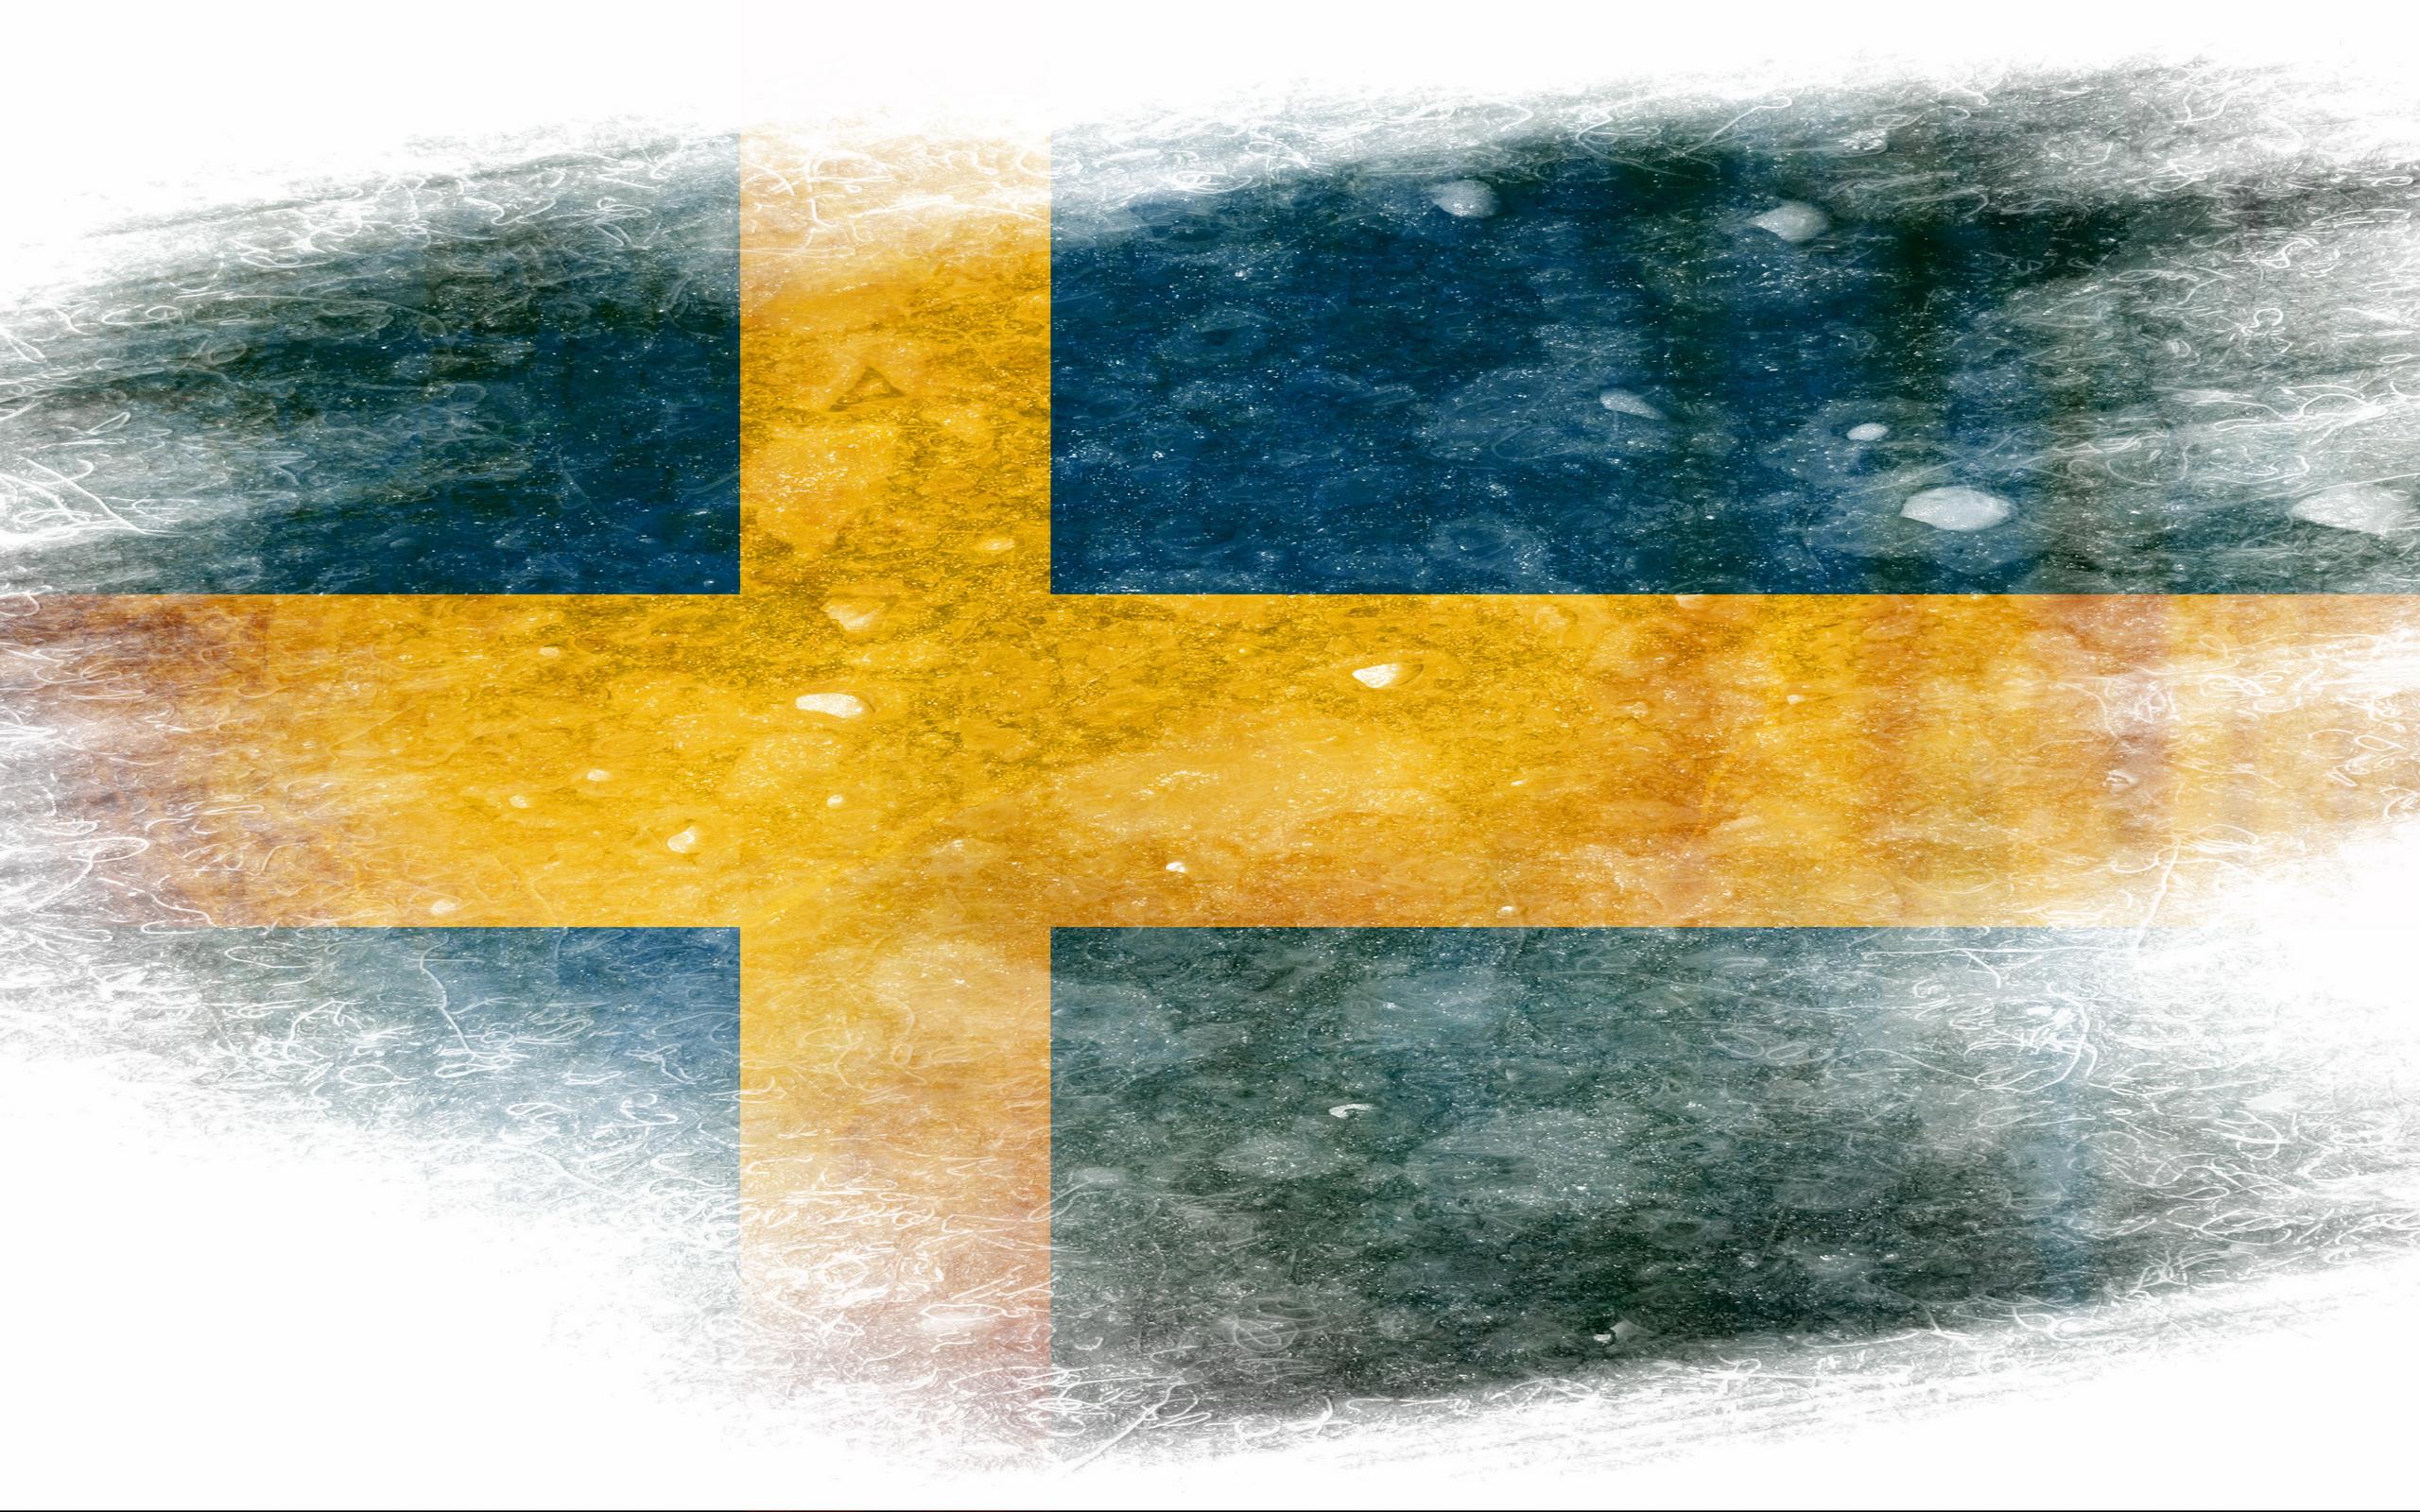 Flag of Sweden Computer Wallpapers Desktop Backgrounds 2560x1600 2560x1600